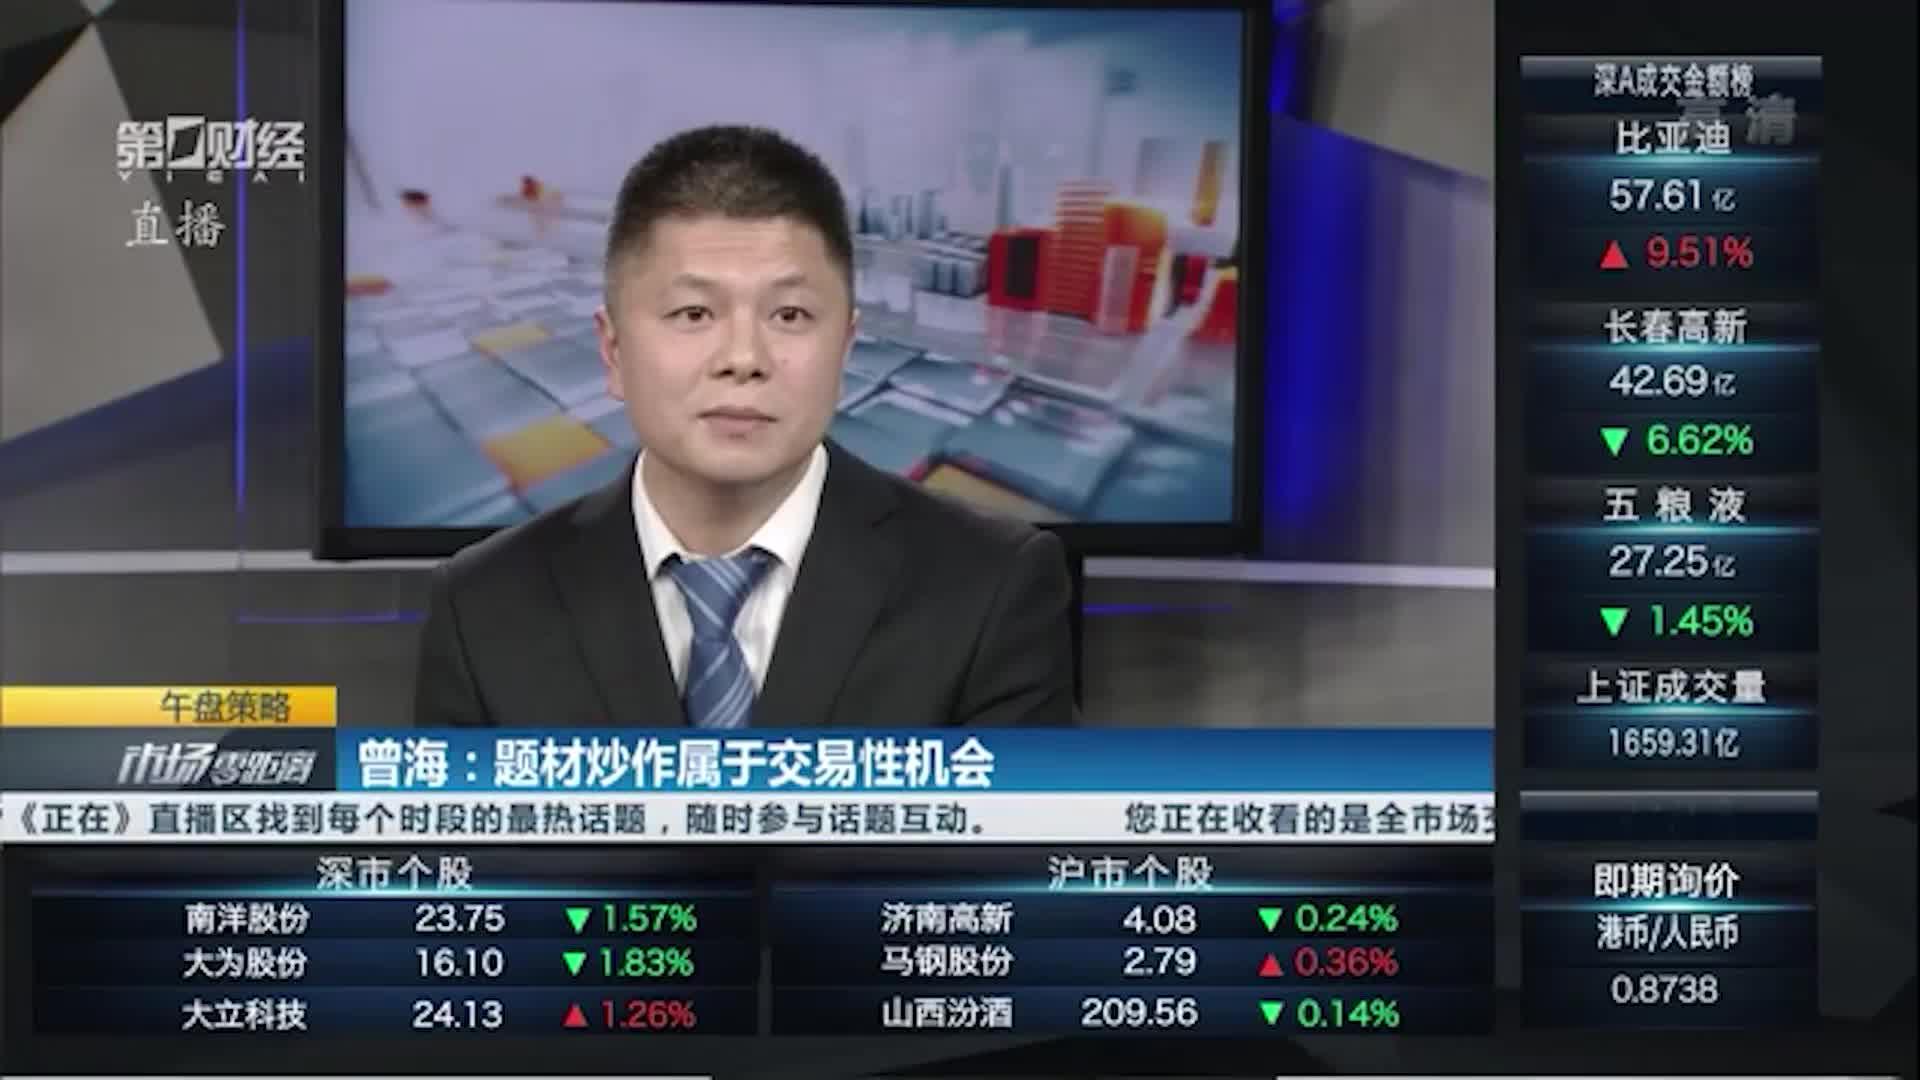 纯达基金曾海:次新股整体估值已偏高 中长期关注基本面